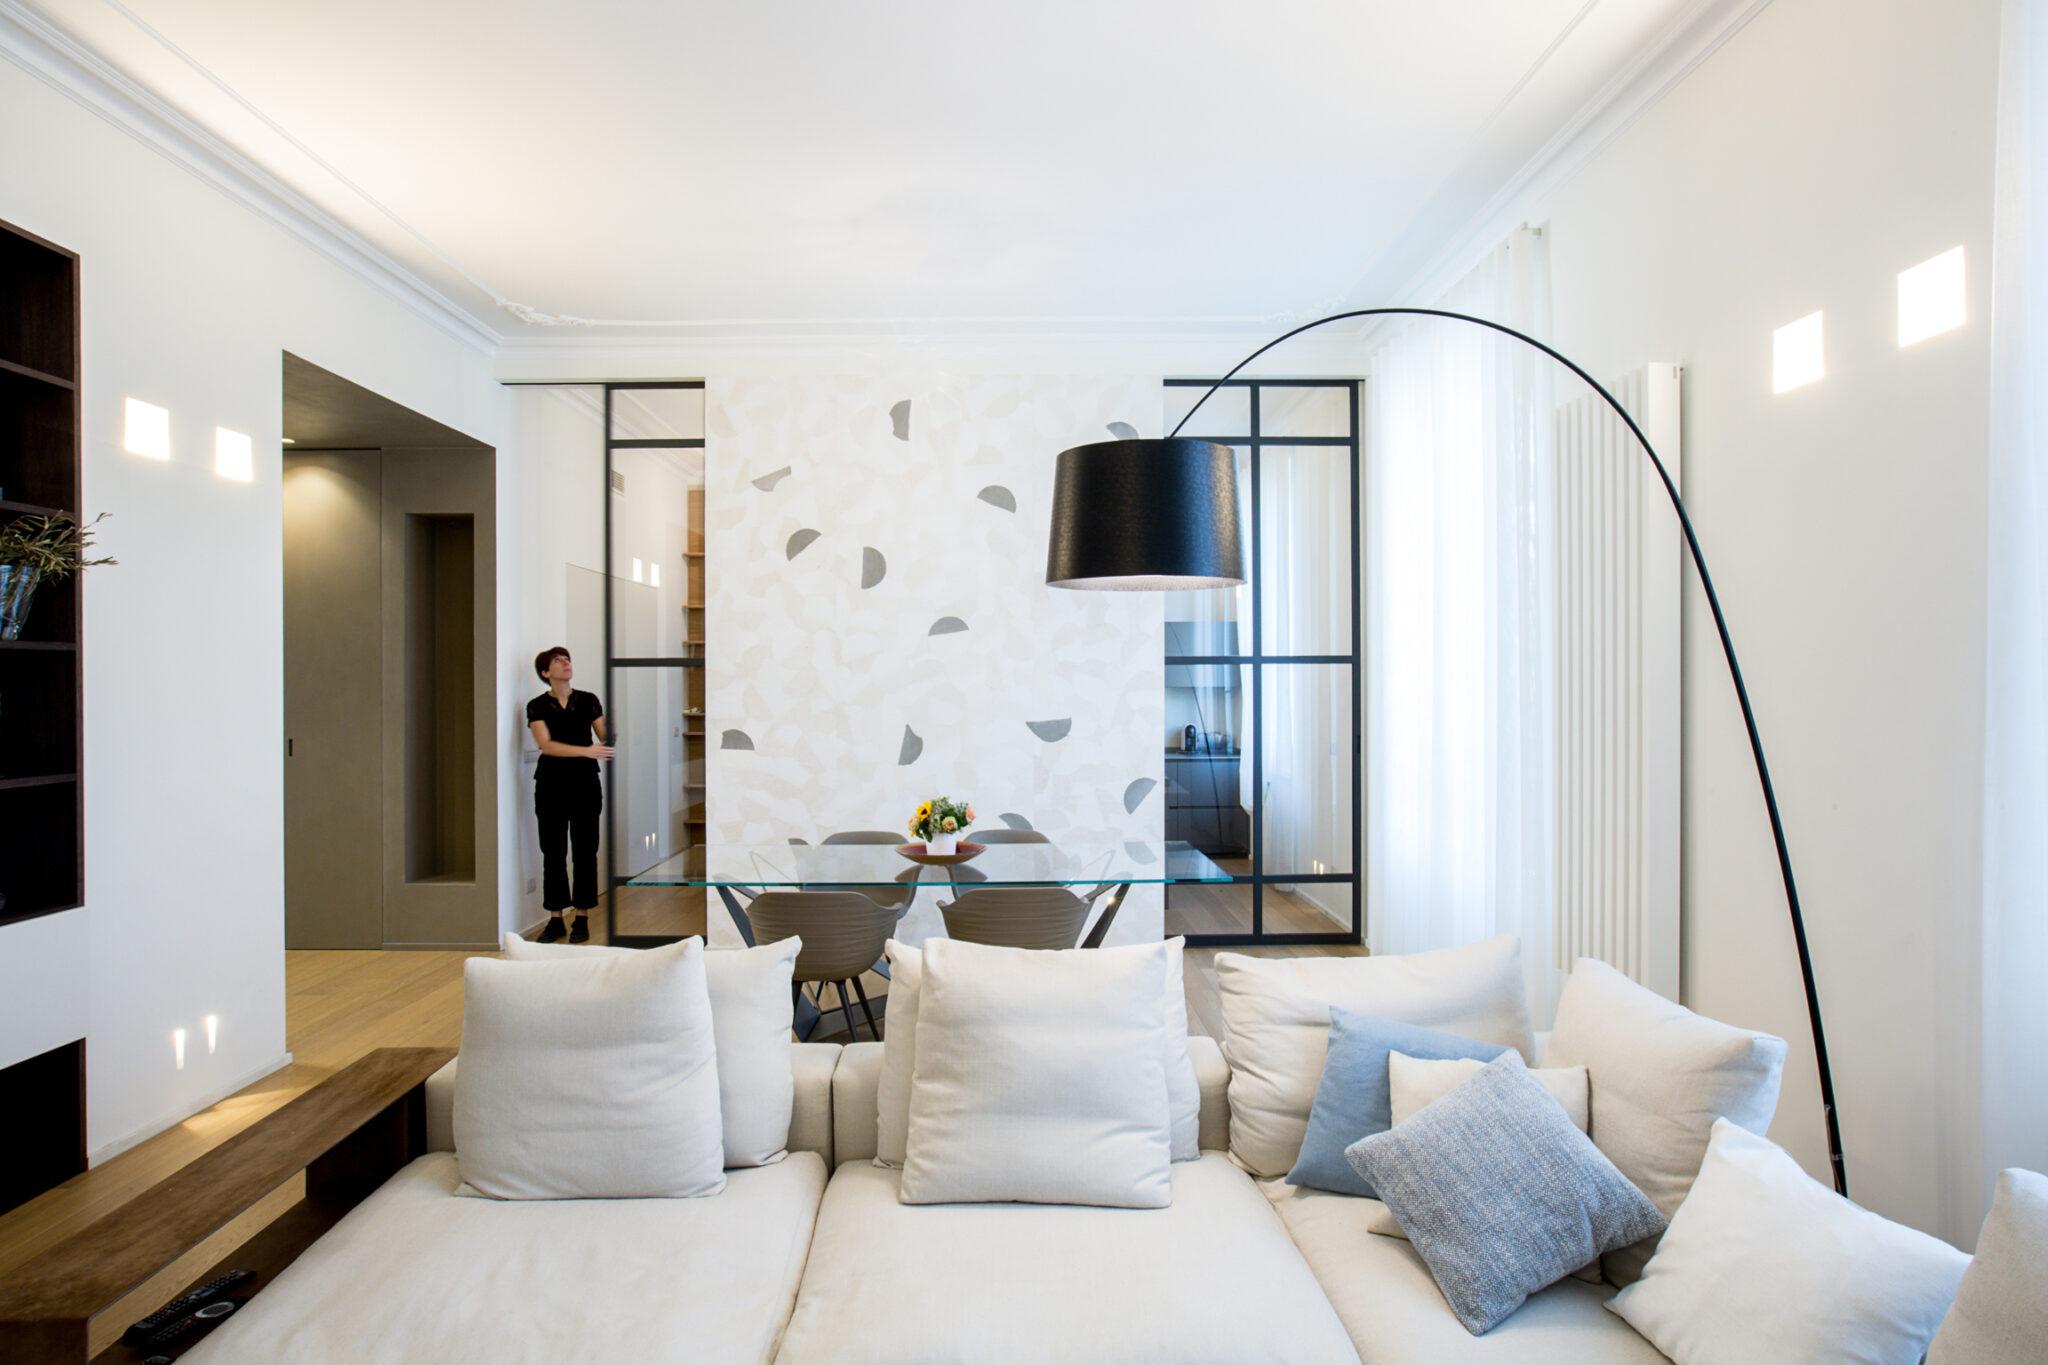 soggiorno con piantana e porte vetrate